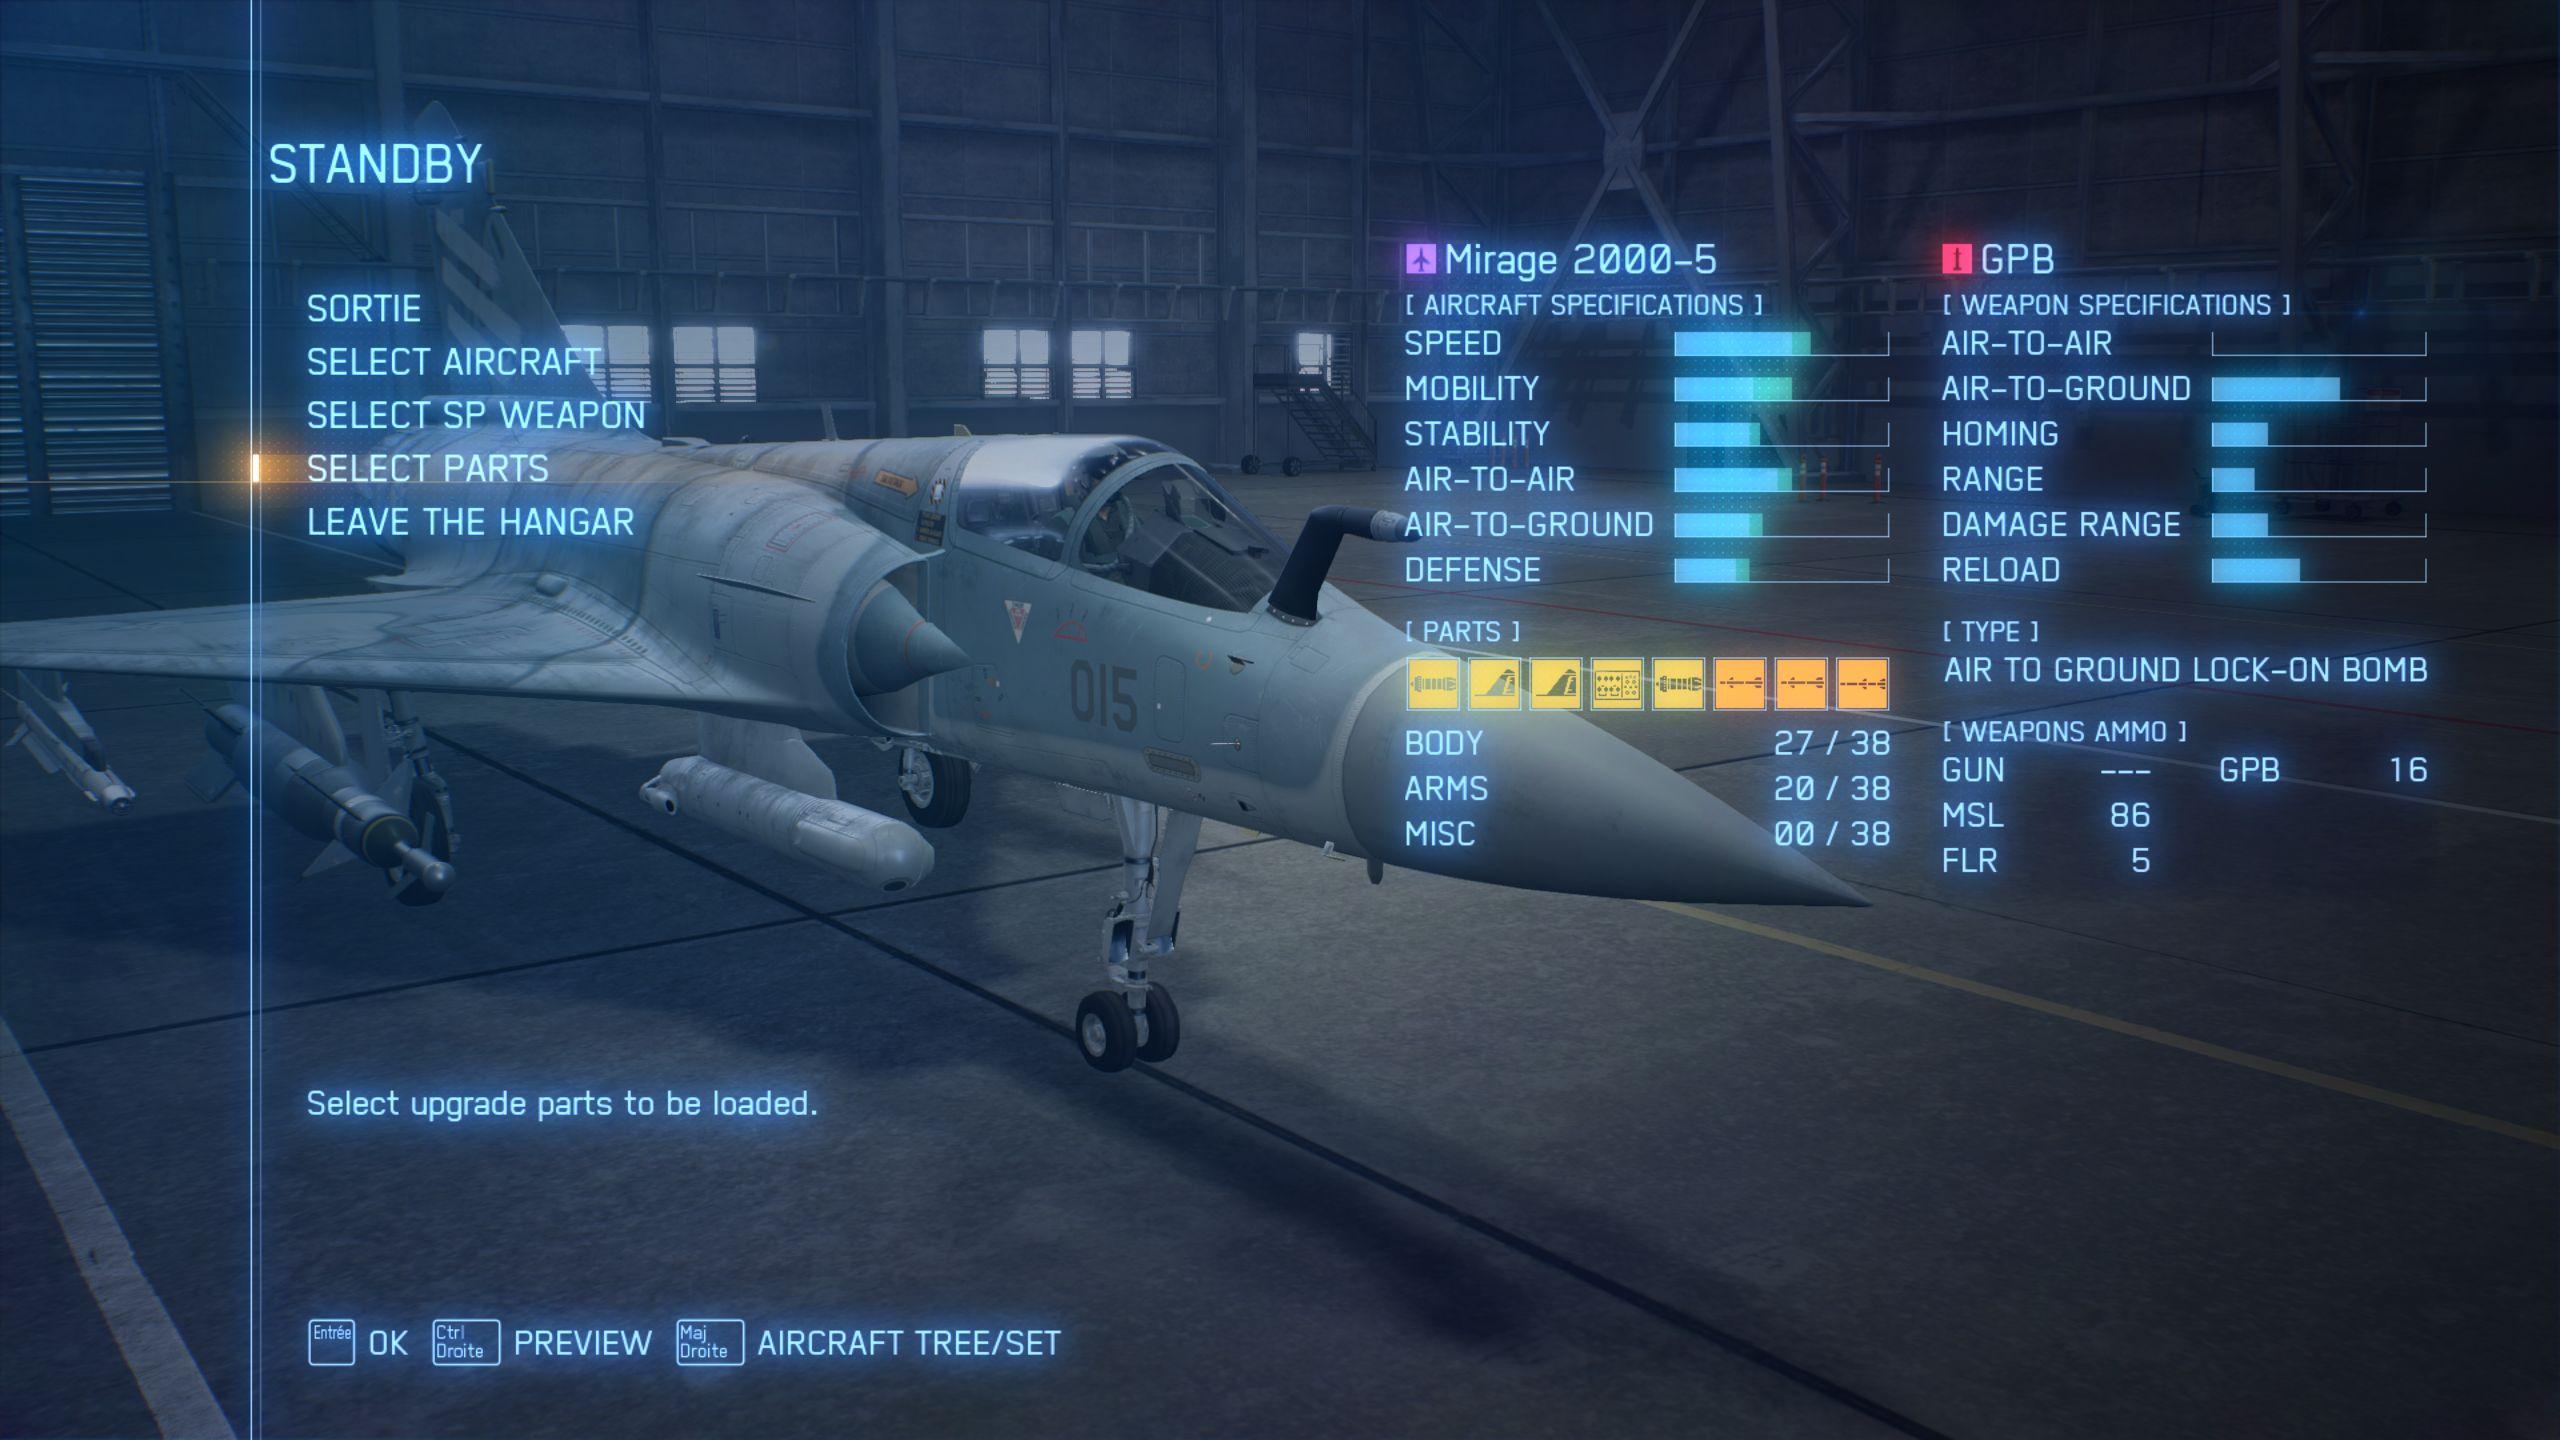 La musique du hangar est... disons, particulière. Cela dit, un jeu qui diffuse une mélodie funky au moment du choix entre bombes à fragmentation et missiles sol-air ne peut pas être totalement mauvais.